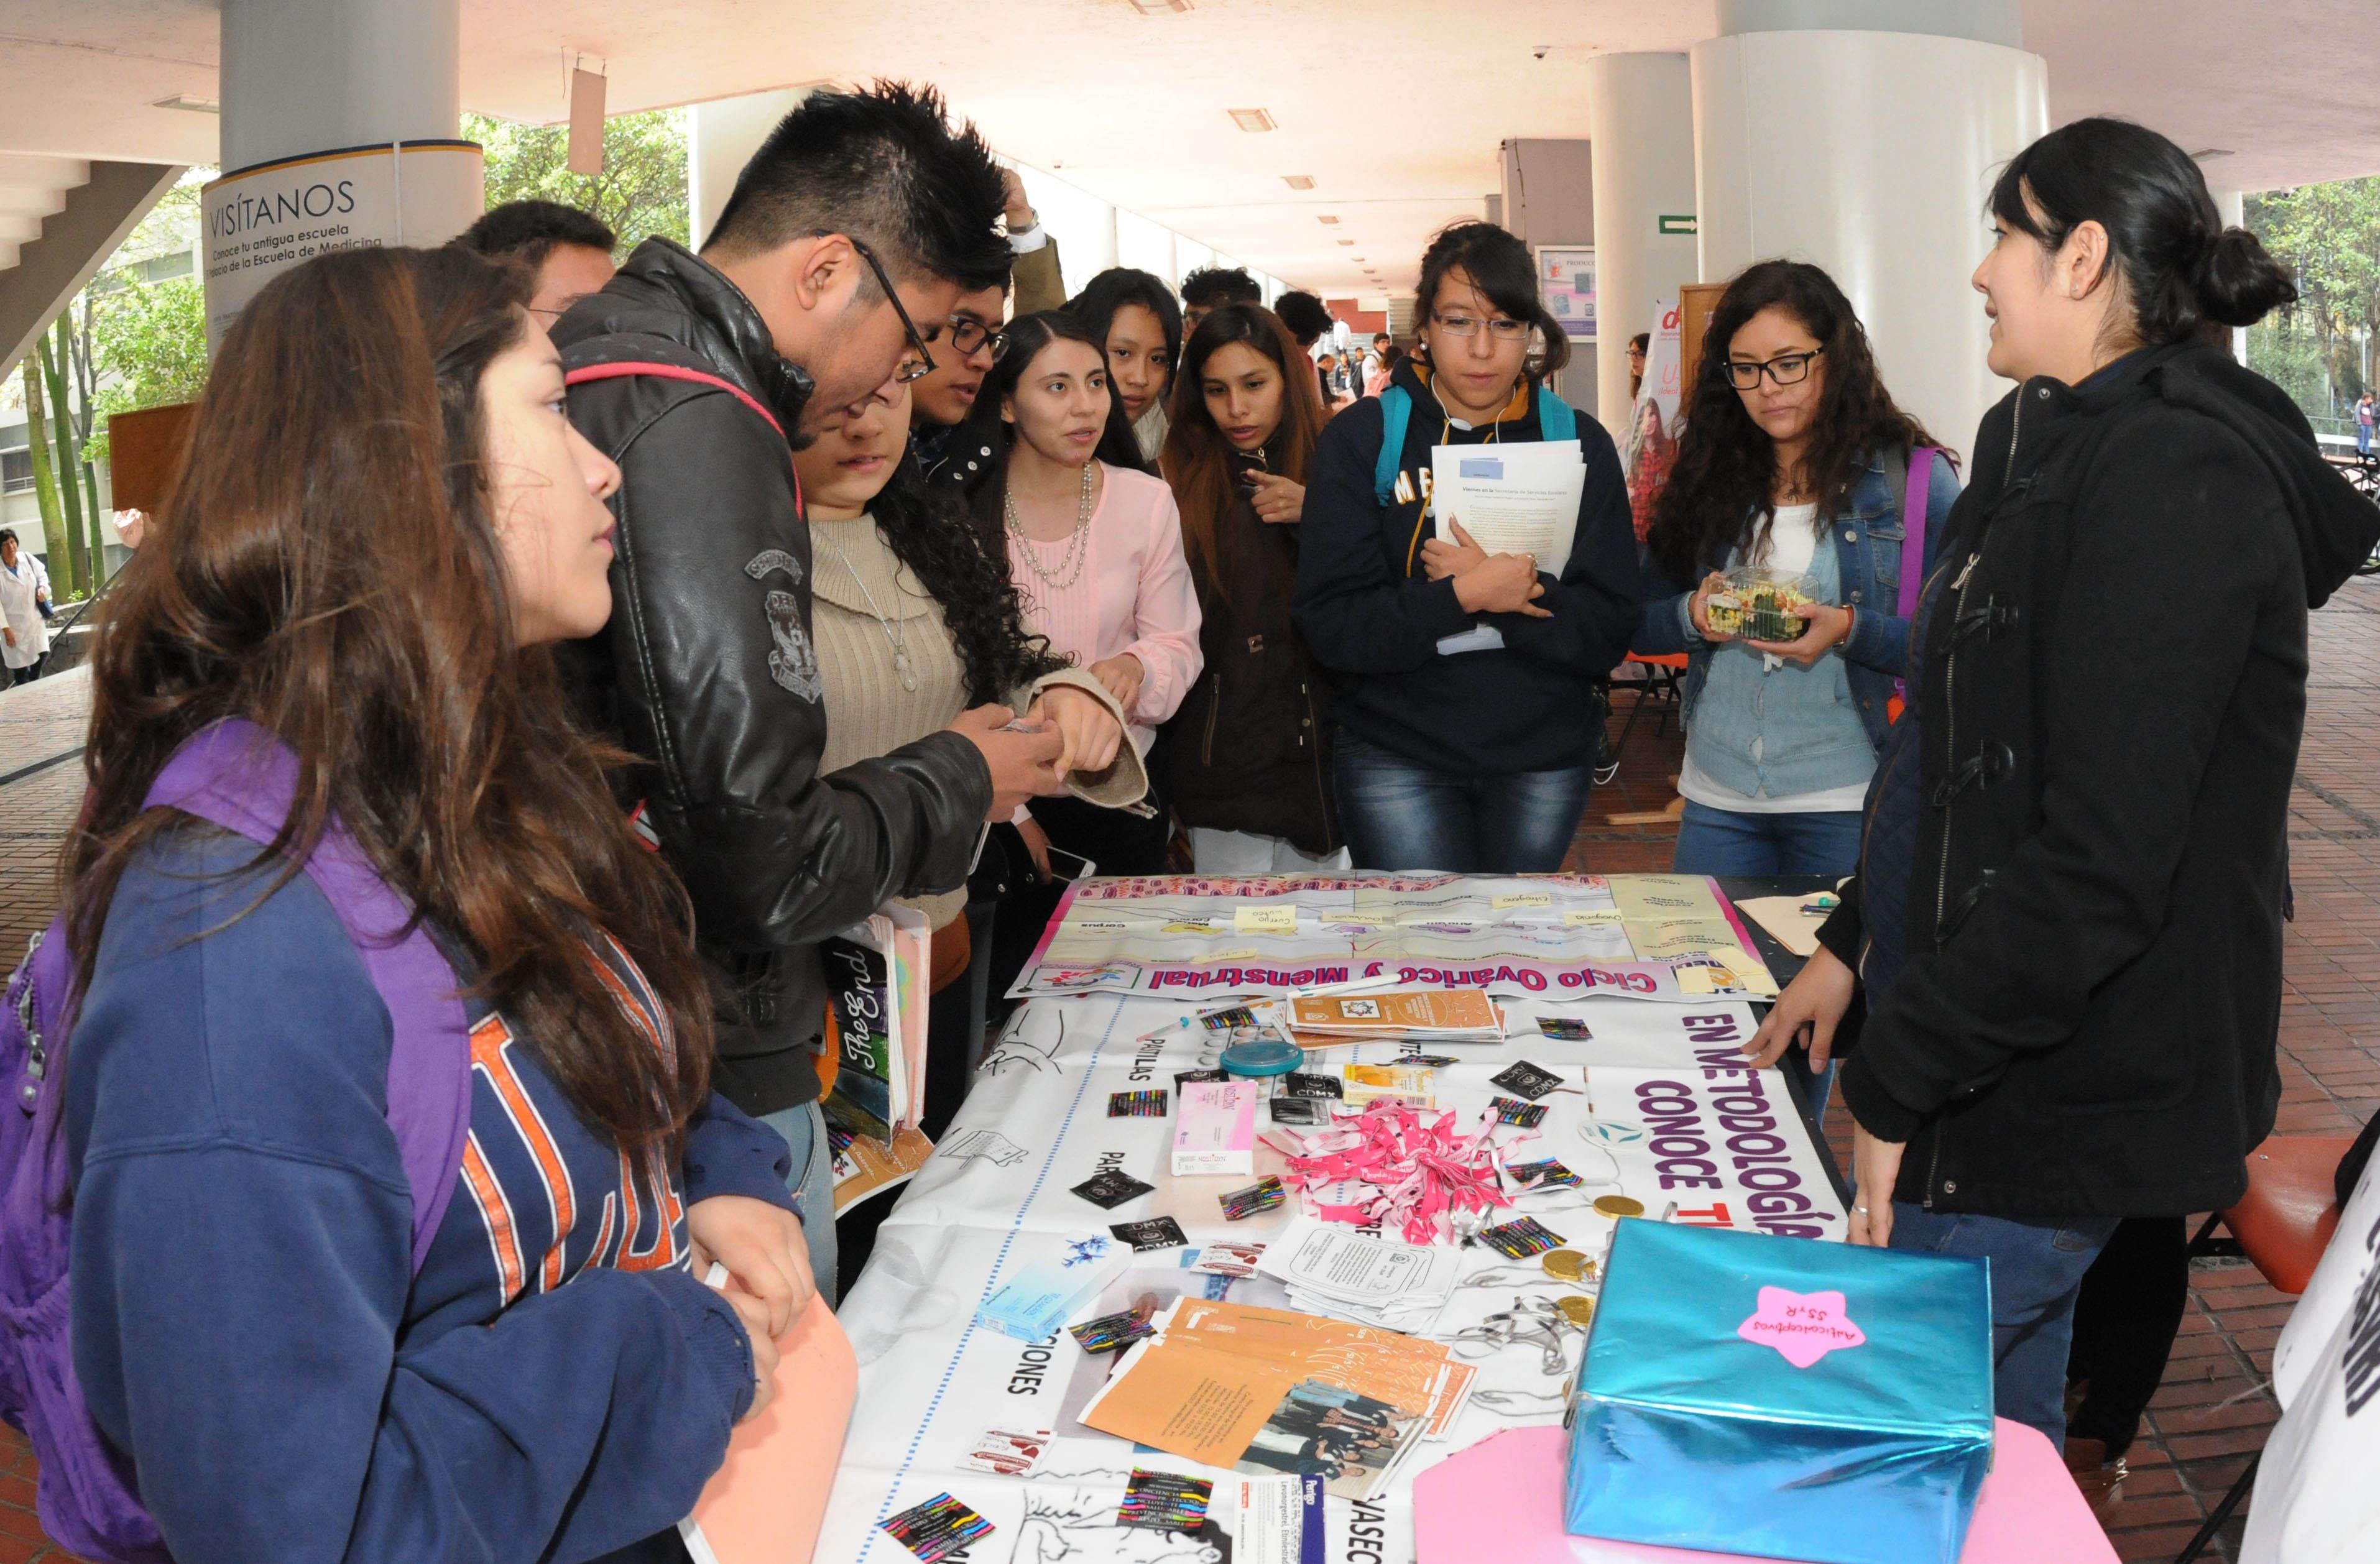 Embarazo adolescente, problema de salud pública de graves consecuencias-UNAM